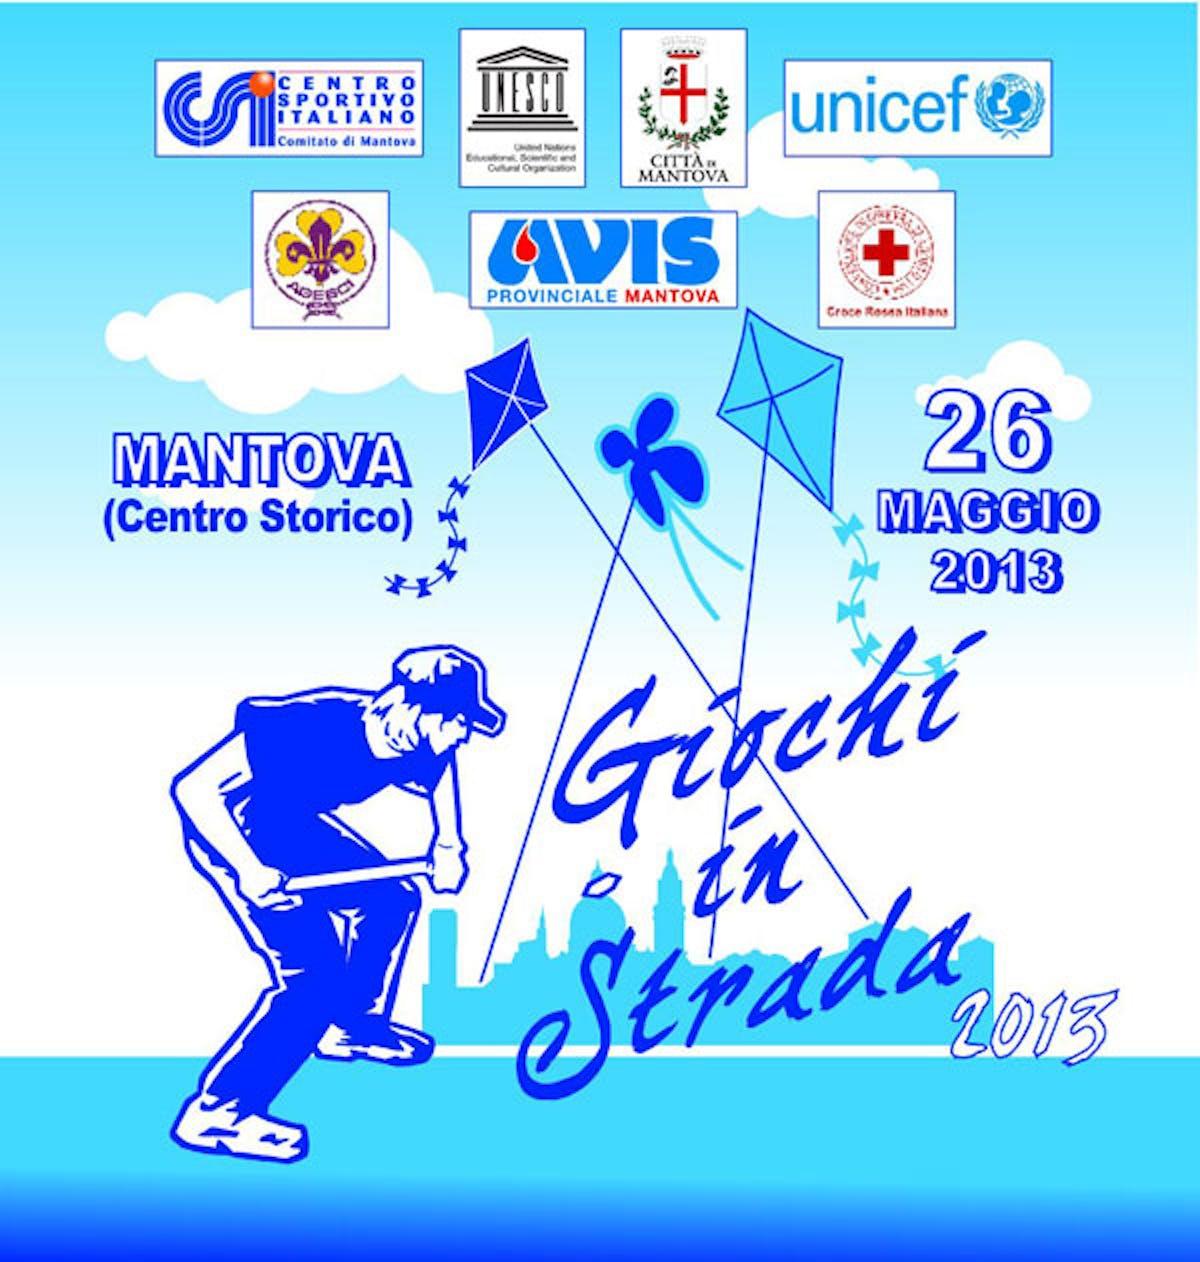 Le iniziative UNICEF a Mantova (aprile-maggio 2013)